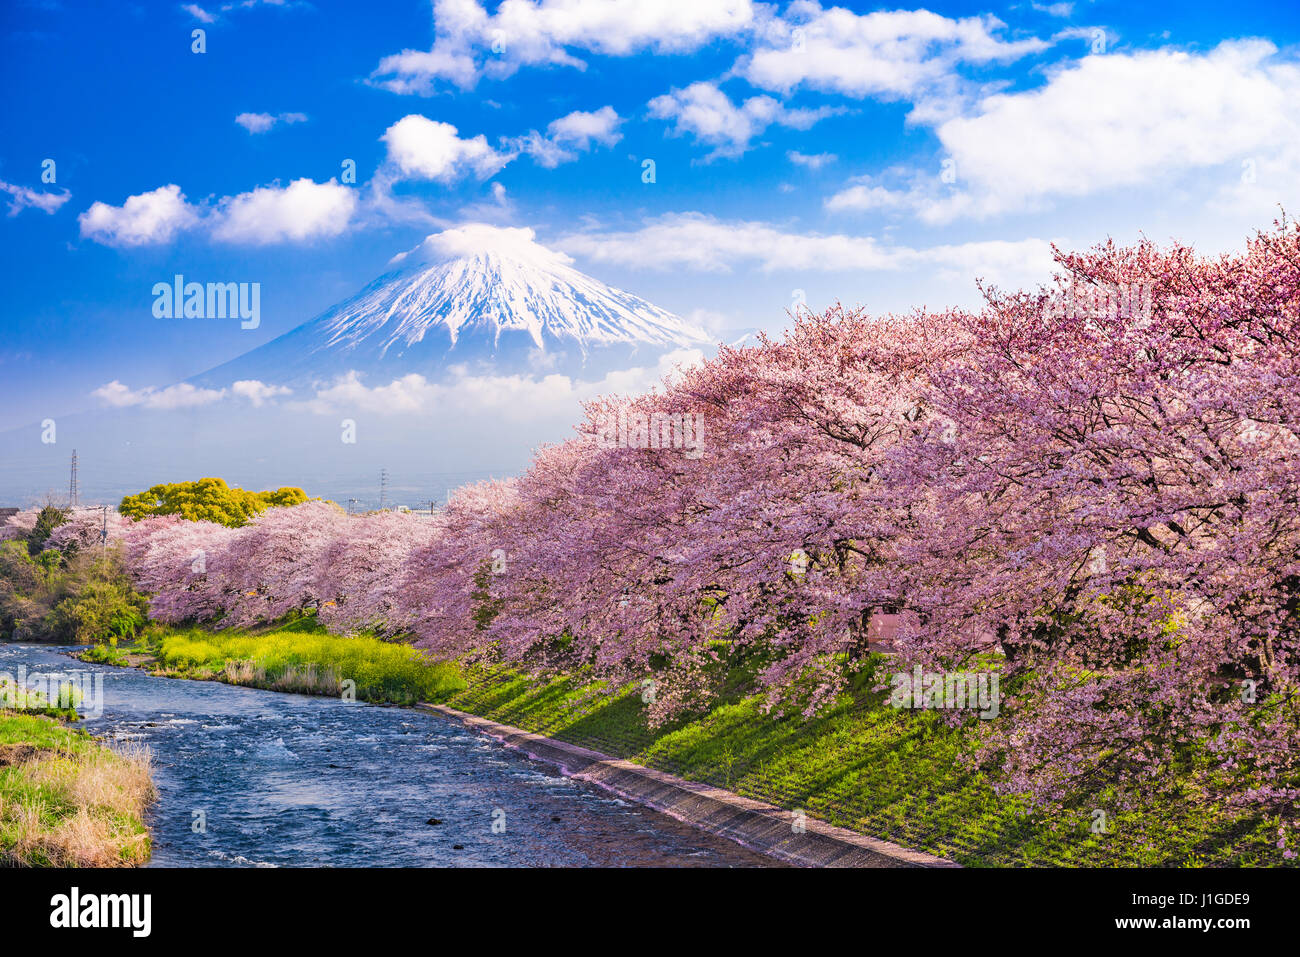 Mt. Fuji, Japón y río en primavera. Imagen De Stock